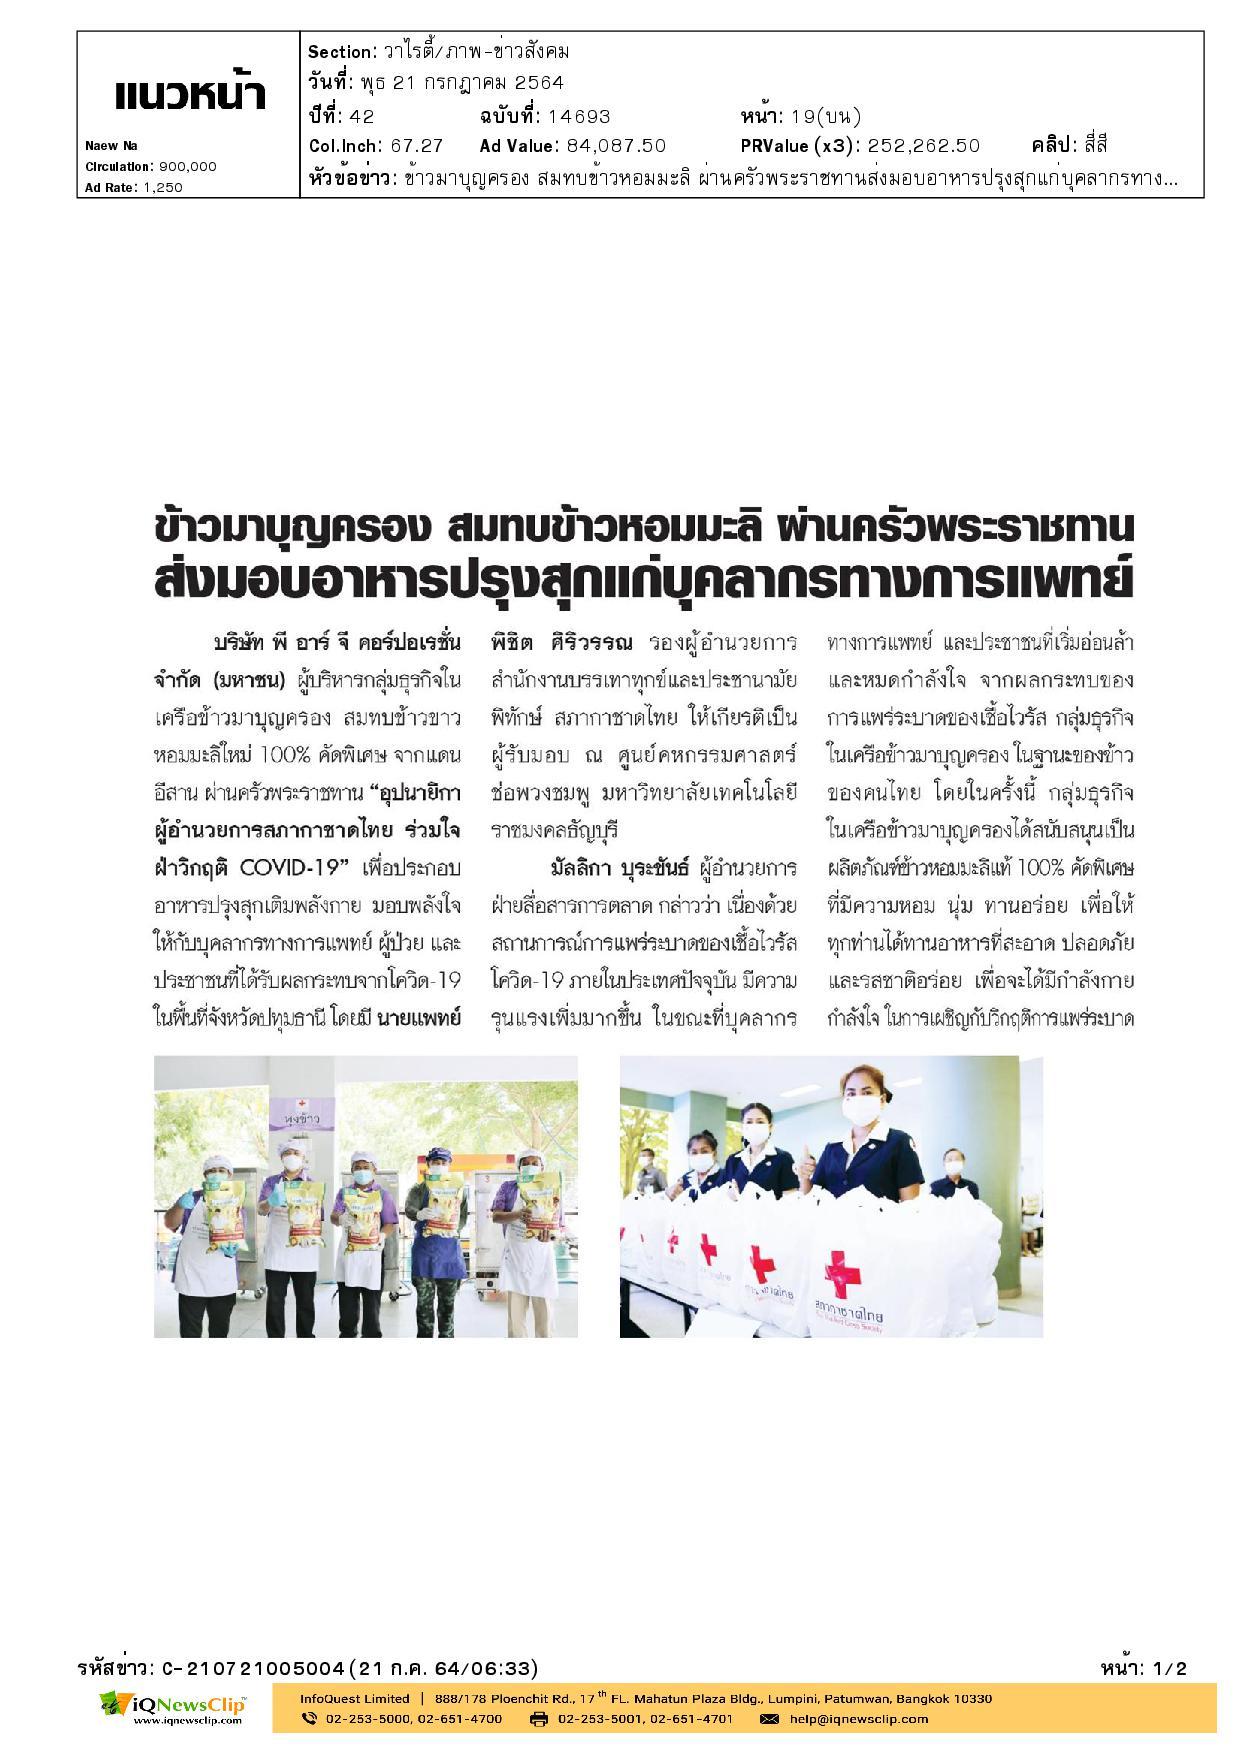 รับมอบข้าวหอมมะลิจาก กลุ่มธุรกิจในเครือข้าวมาบุญครอง ผ่านครัวพระราชทาน อุปนายิกาผู้อำนวยการสภากาชาดไทย